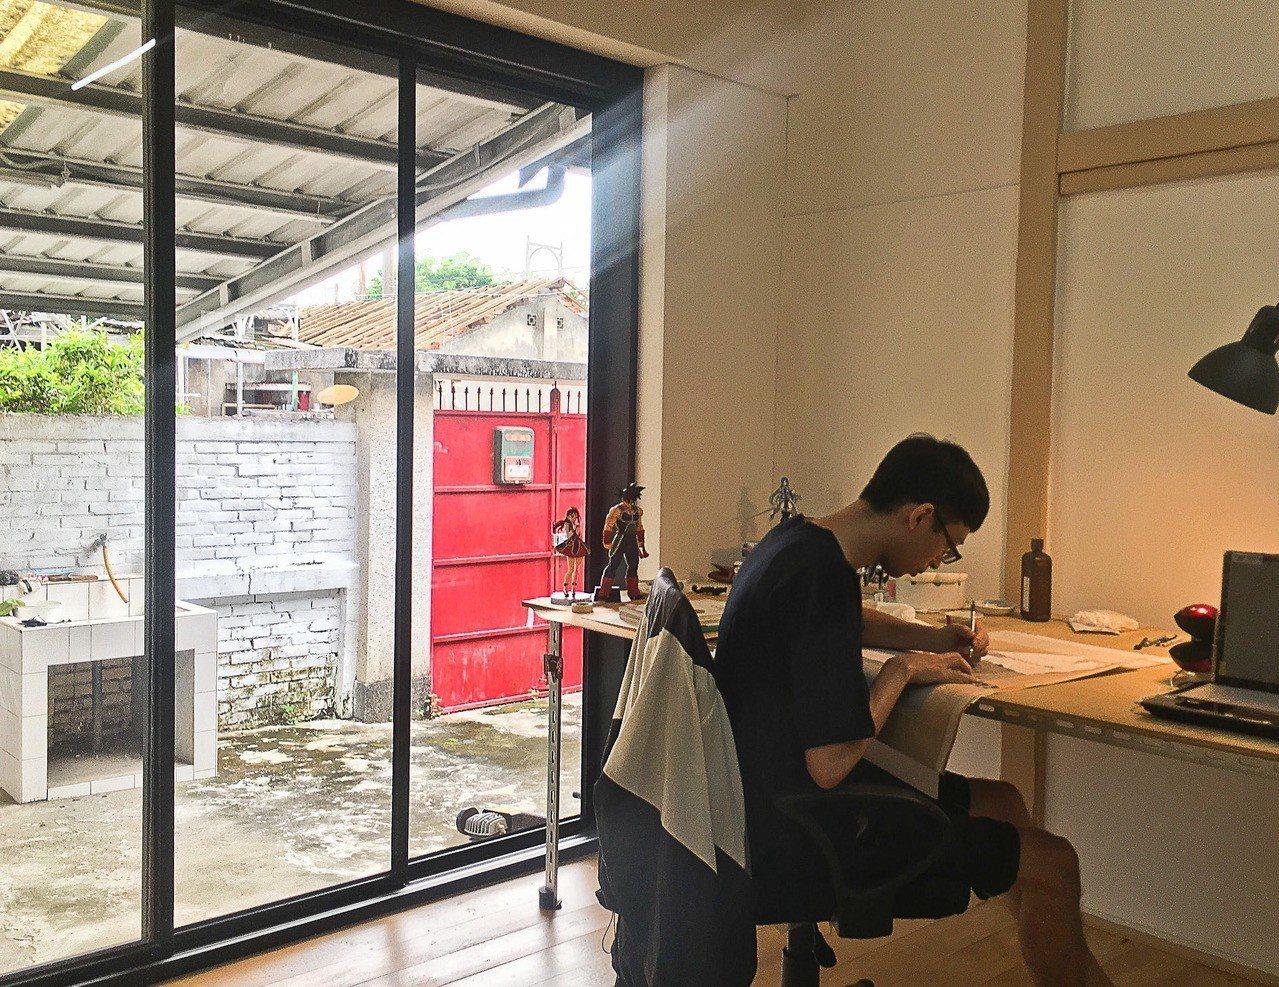 新銳藝術家詹邠申請了黃埔新村「以住代護」計畫,在眷村裡創作。記者徐如宜/攝影